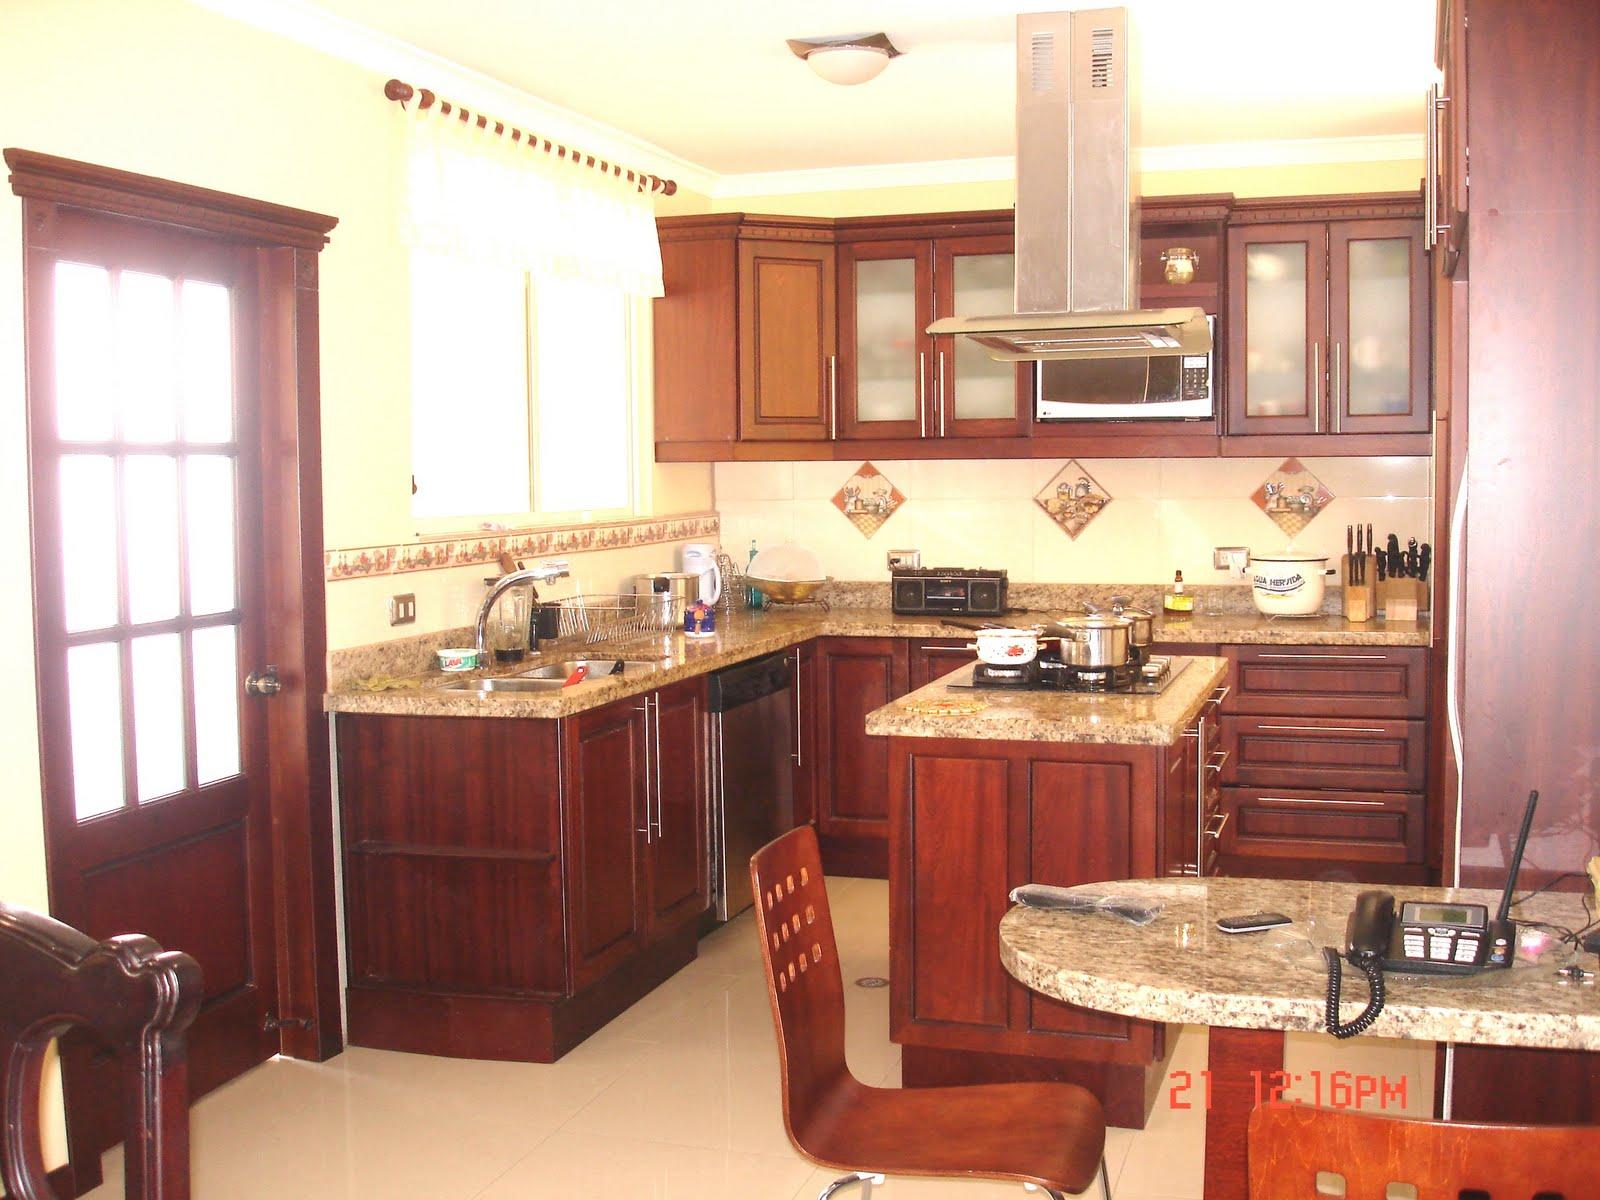 Ideatumobiliario muebles de cocina for Muebles aereos para cocina